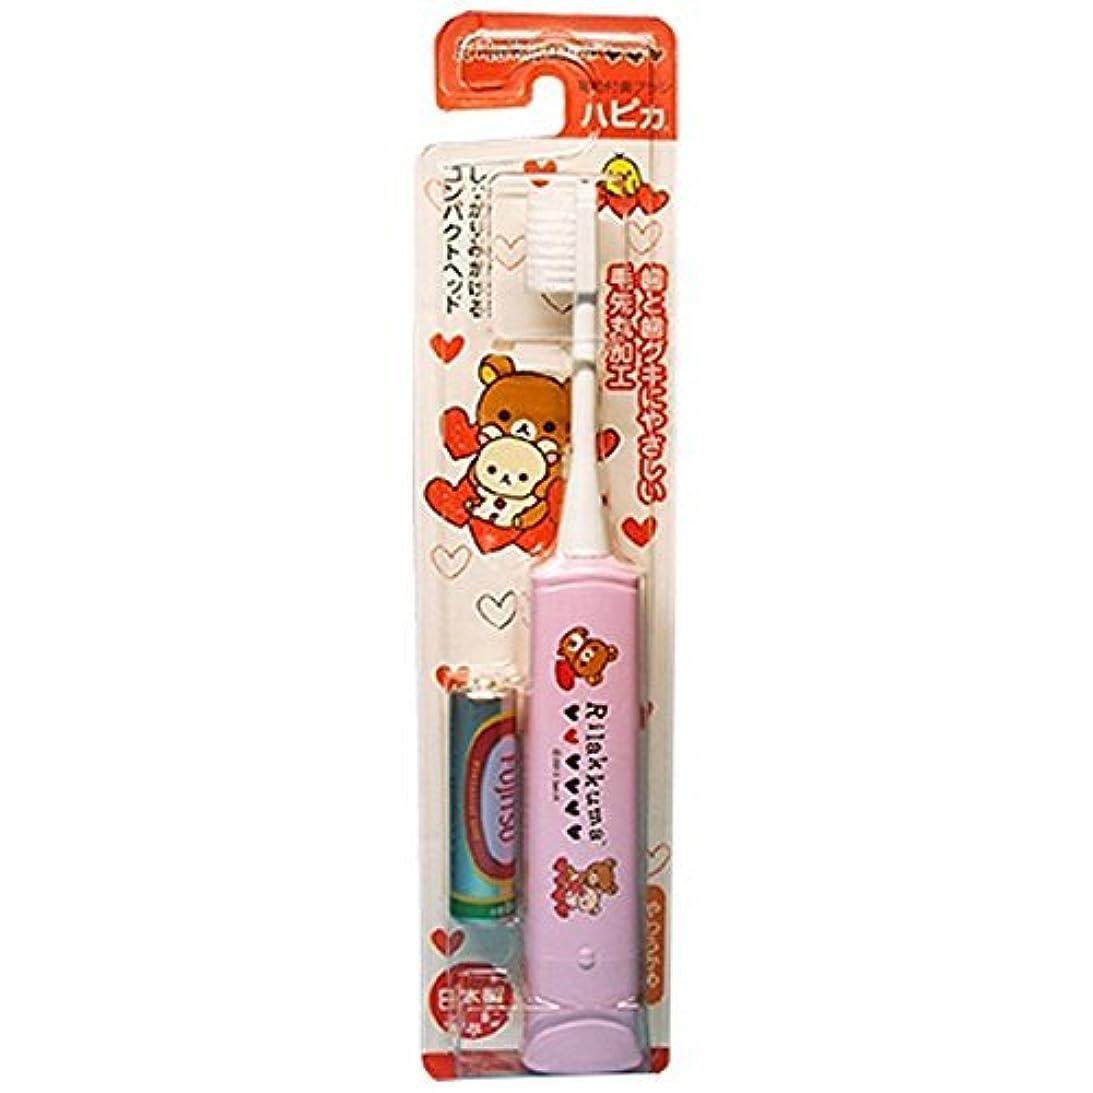 グリース占める虎ミニマム 電動付歯ブラシ リラックマハピカ ピンク 毛の硬さ:やわらかめ DBM-5P(RK)